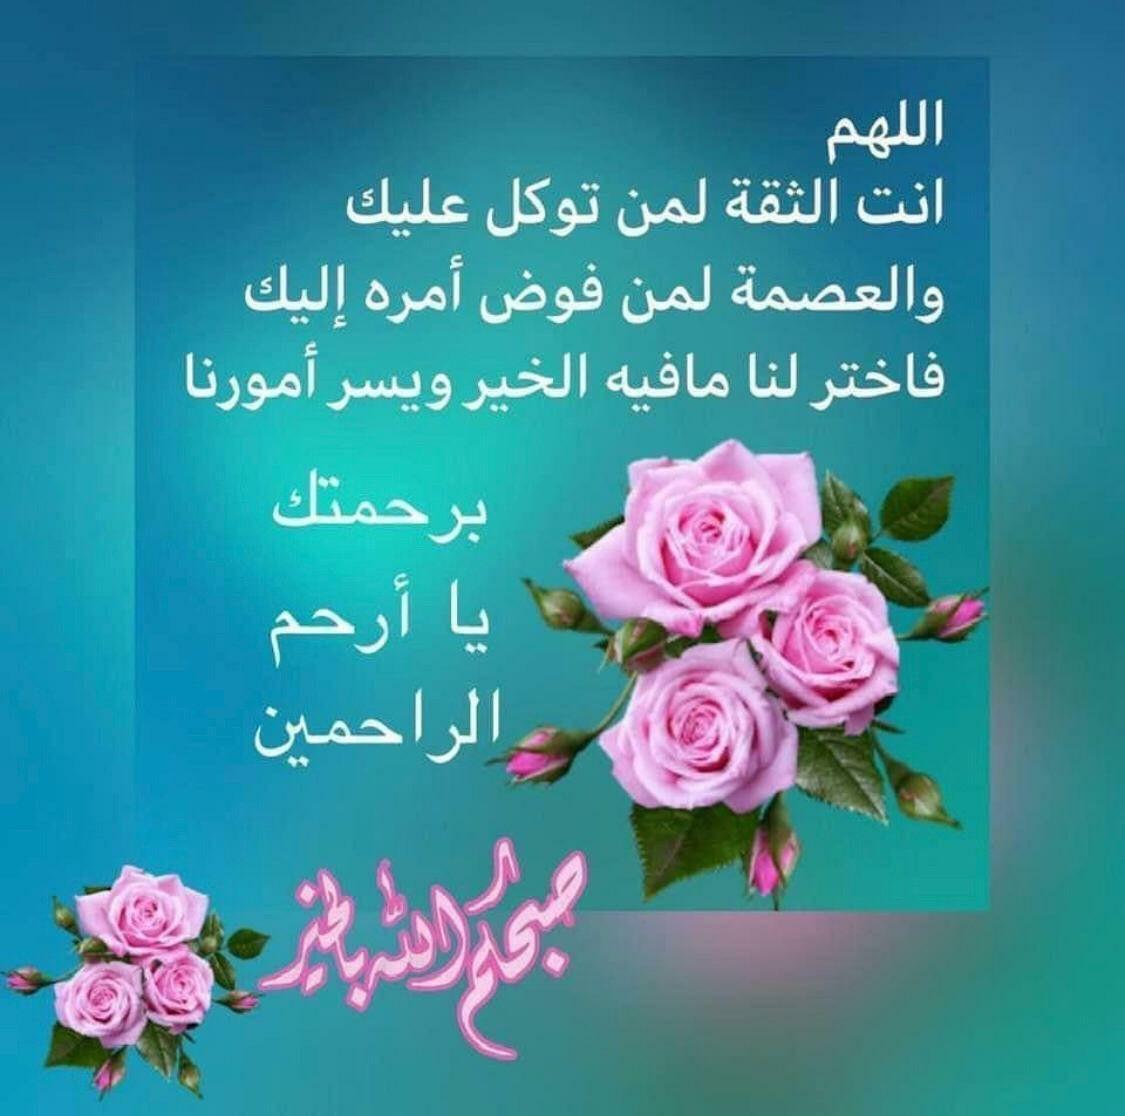 Pin By زهرة البنفسج On تصبيحات و تهاني Good Morning Arabic Good Morning Messages Morning Images